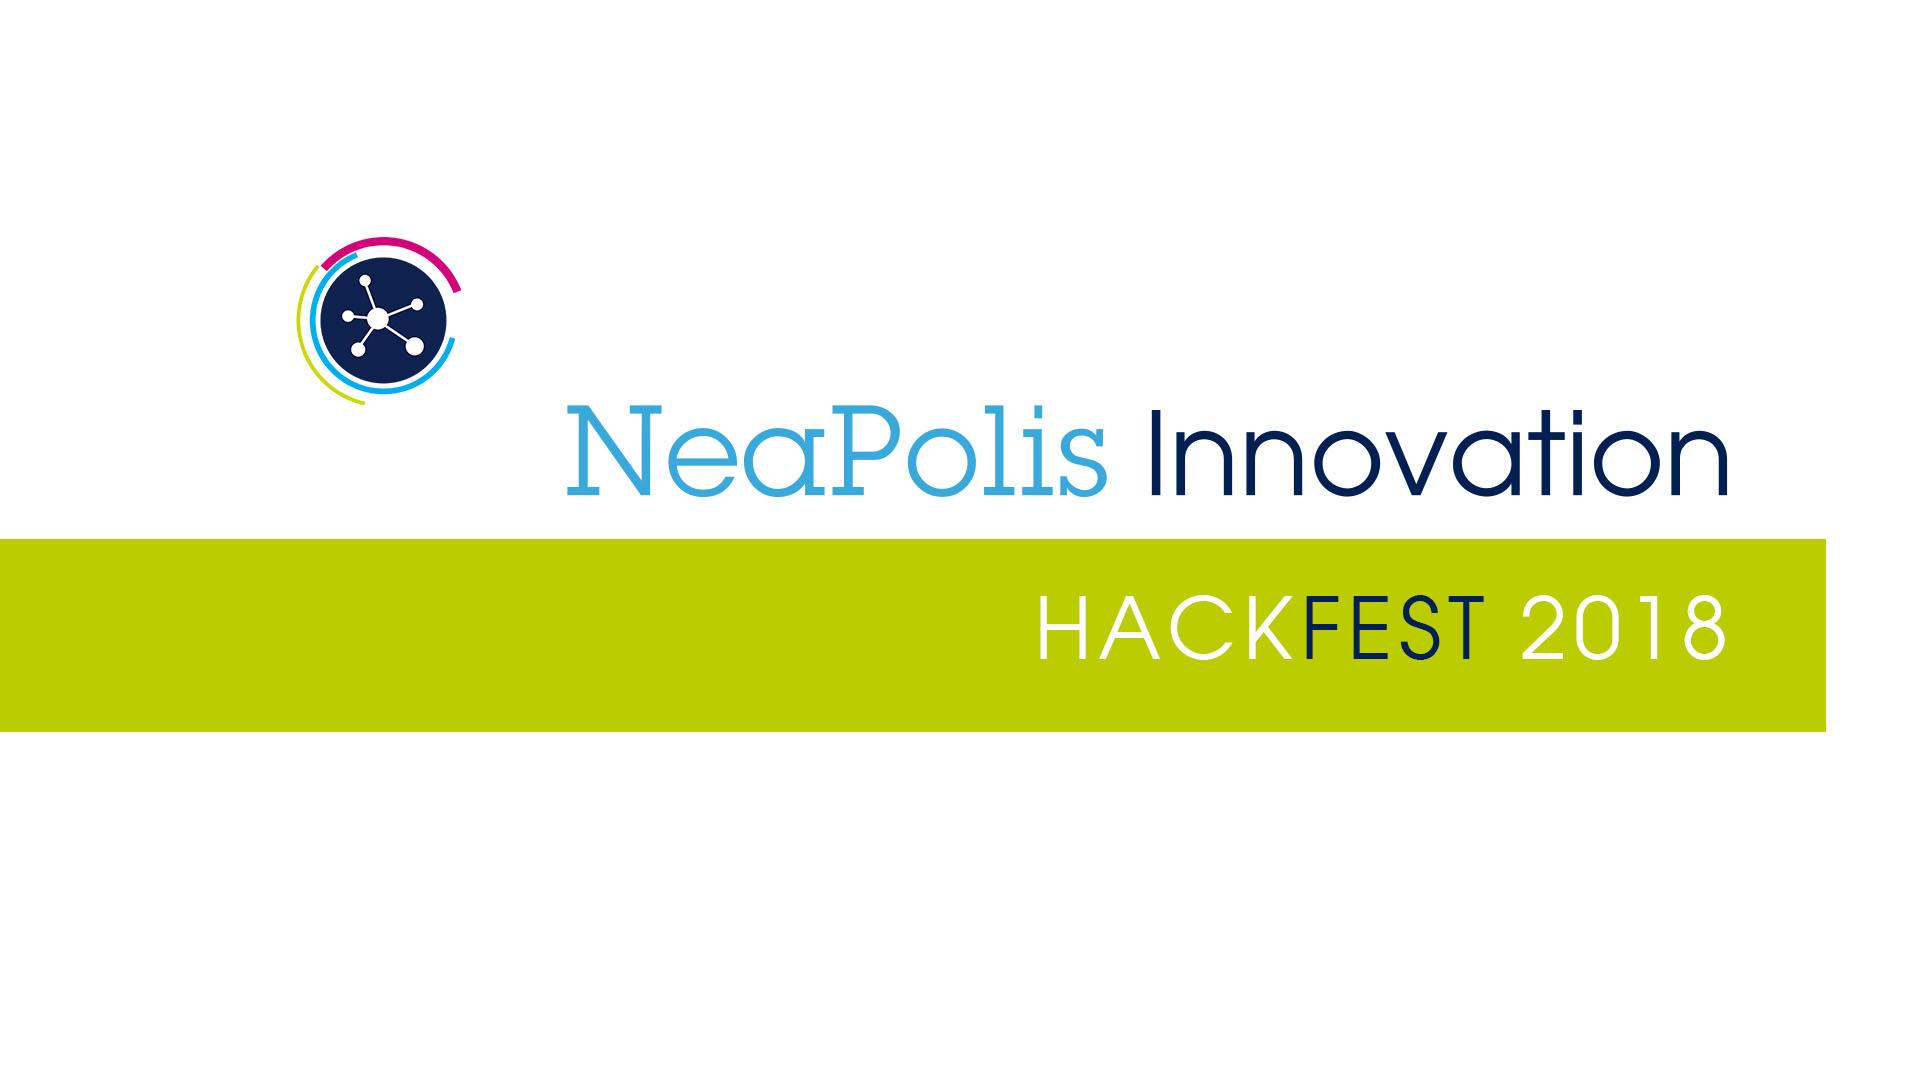 HackFest 2018